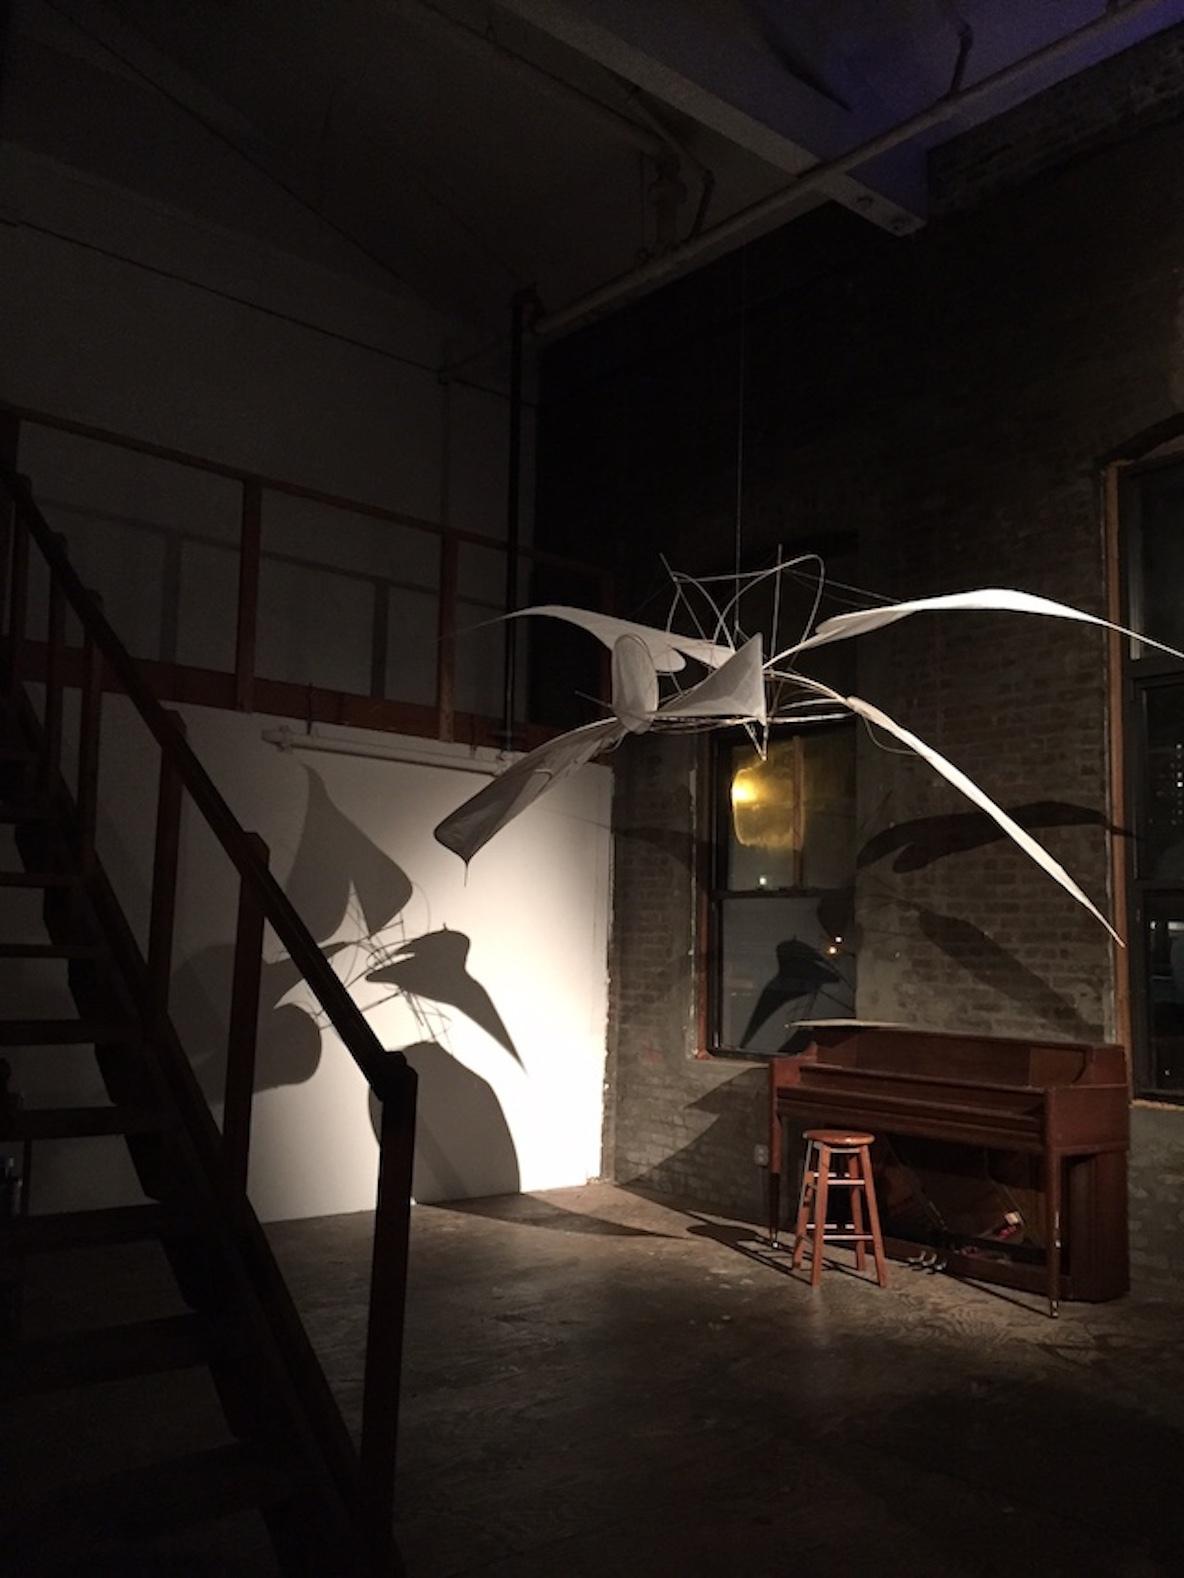 11人のアーティストが暮らす、ニューヨーク・ブルックリンのアートなスポット